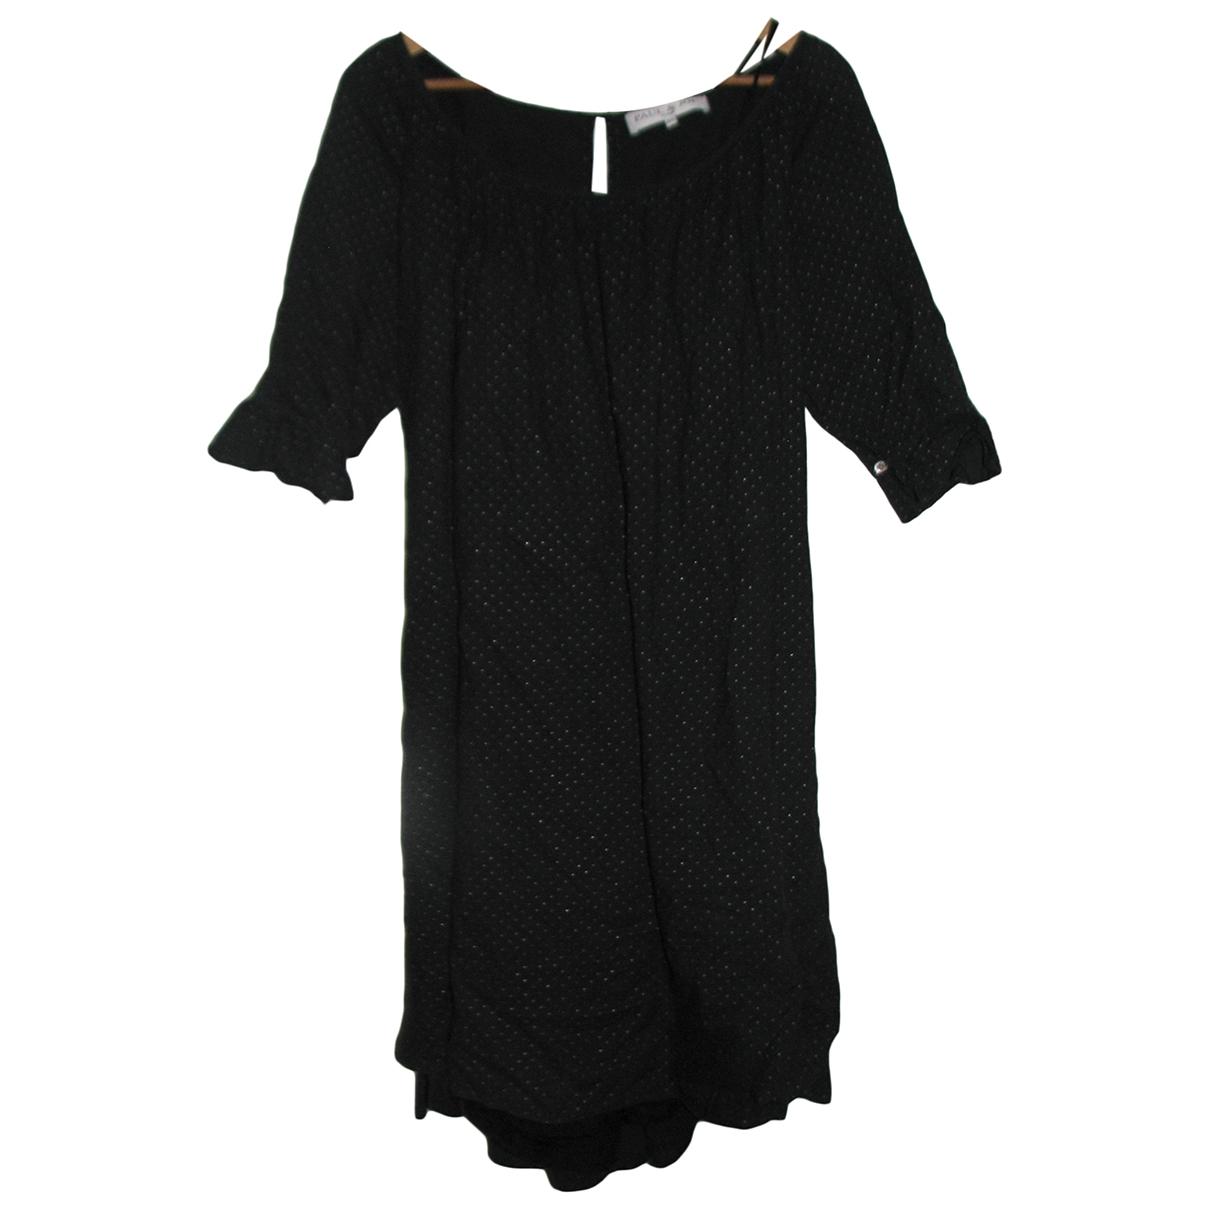 Paul & Joe \N Kleid in  Schwarz Baumwolle